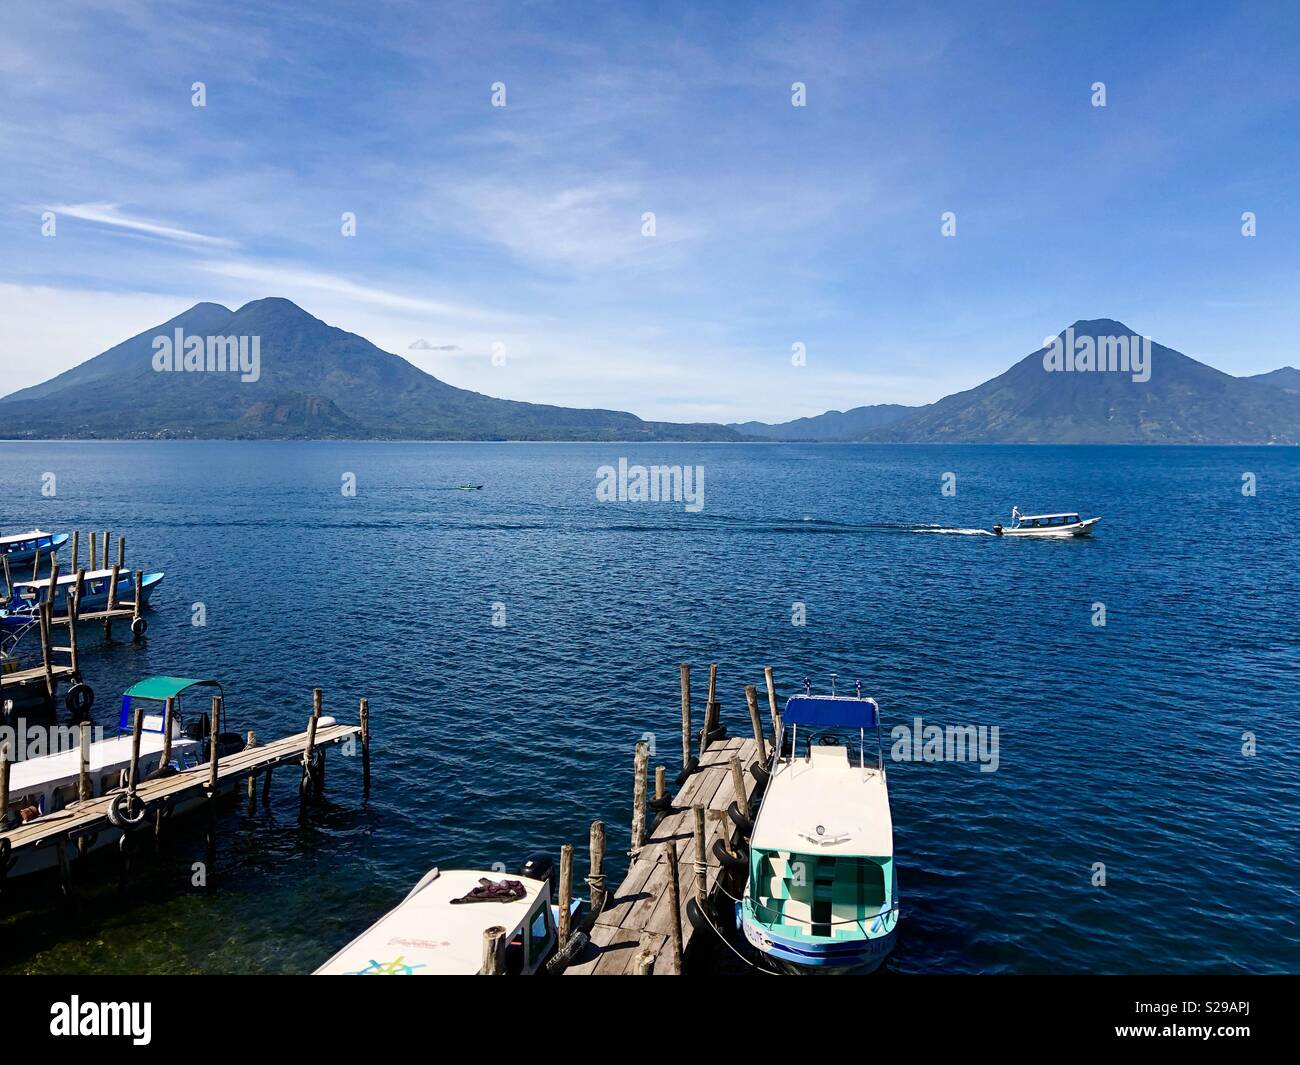 Lake Atitlan at Panajachel, Guatemala - Stock Image